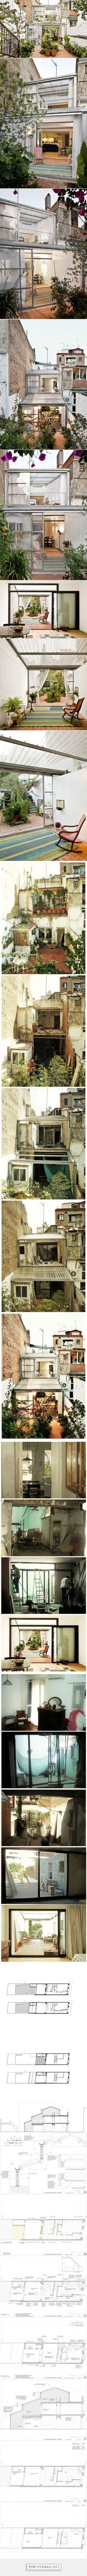 Jordi Adell > Reforma Casa Patio en Sants. Barcelona | HIC Arquitectura…